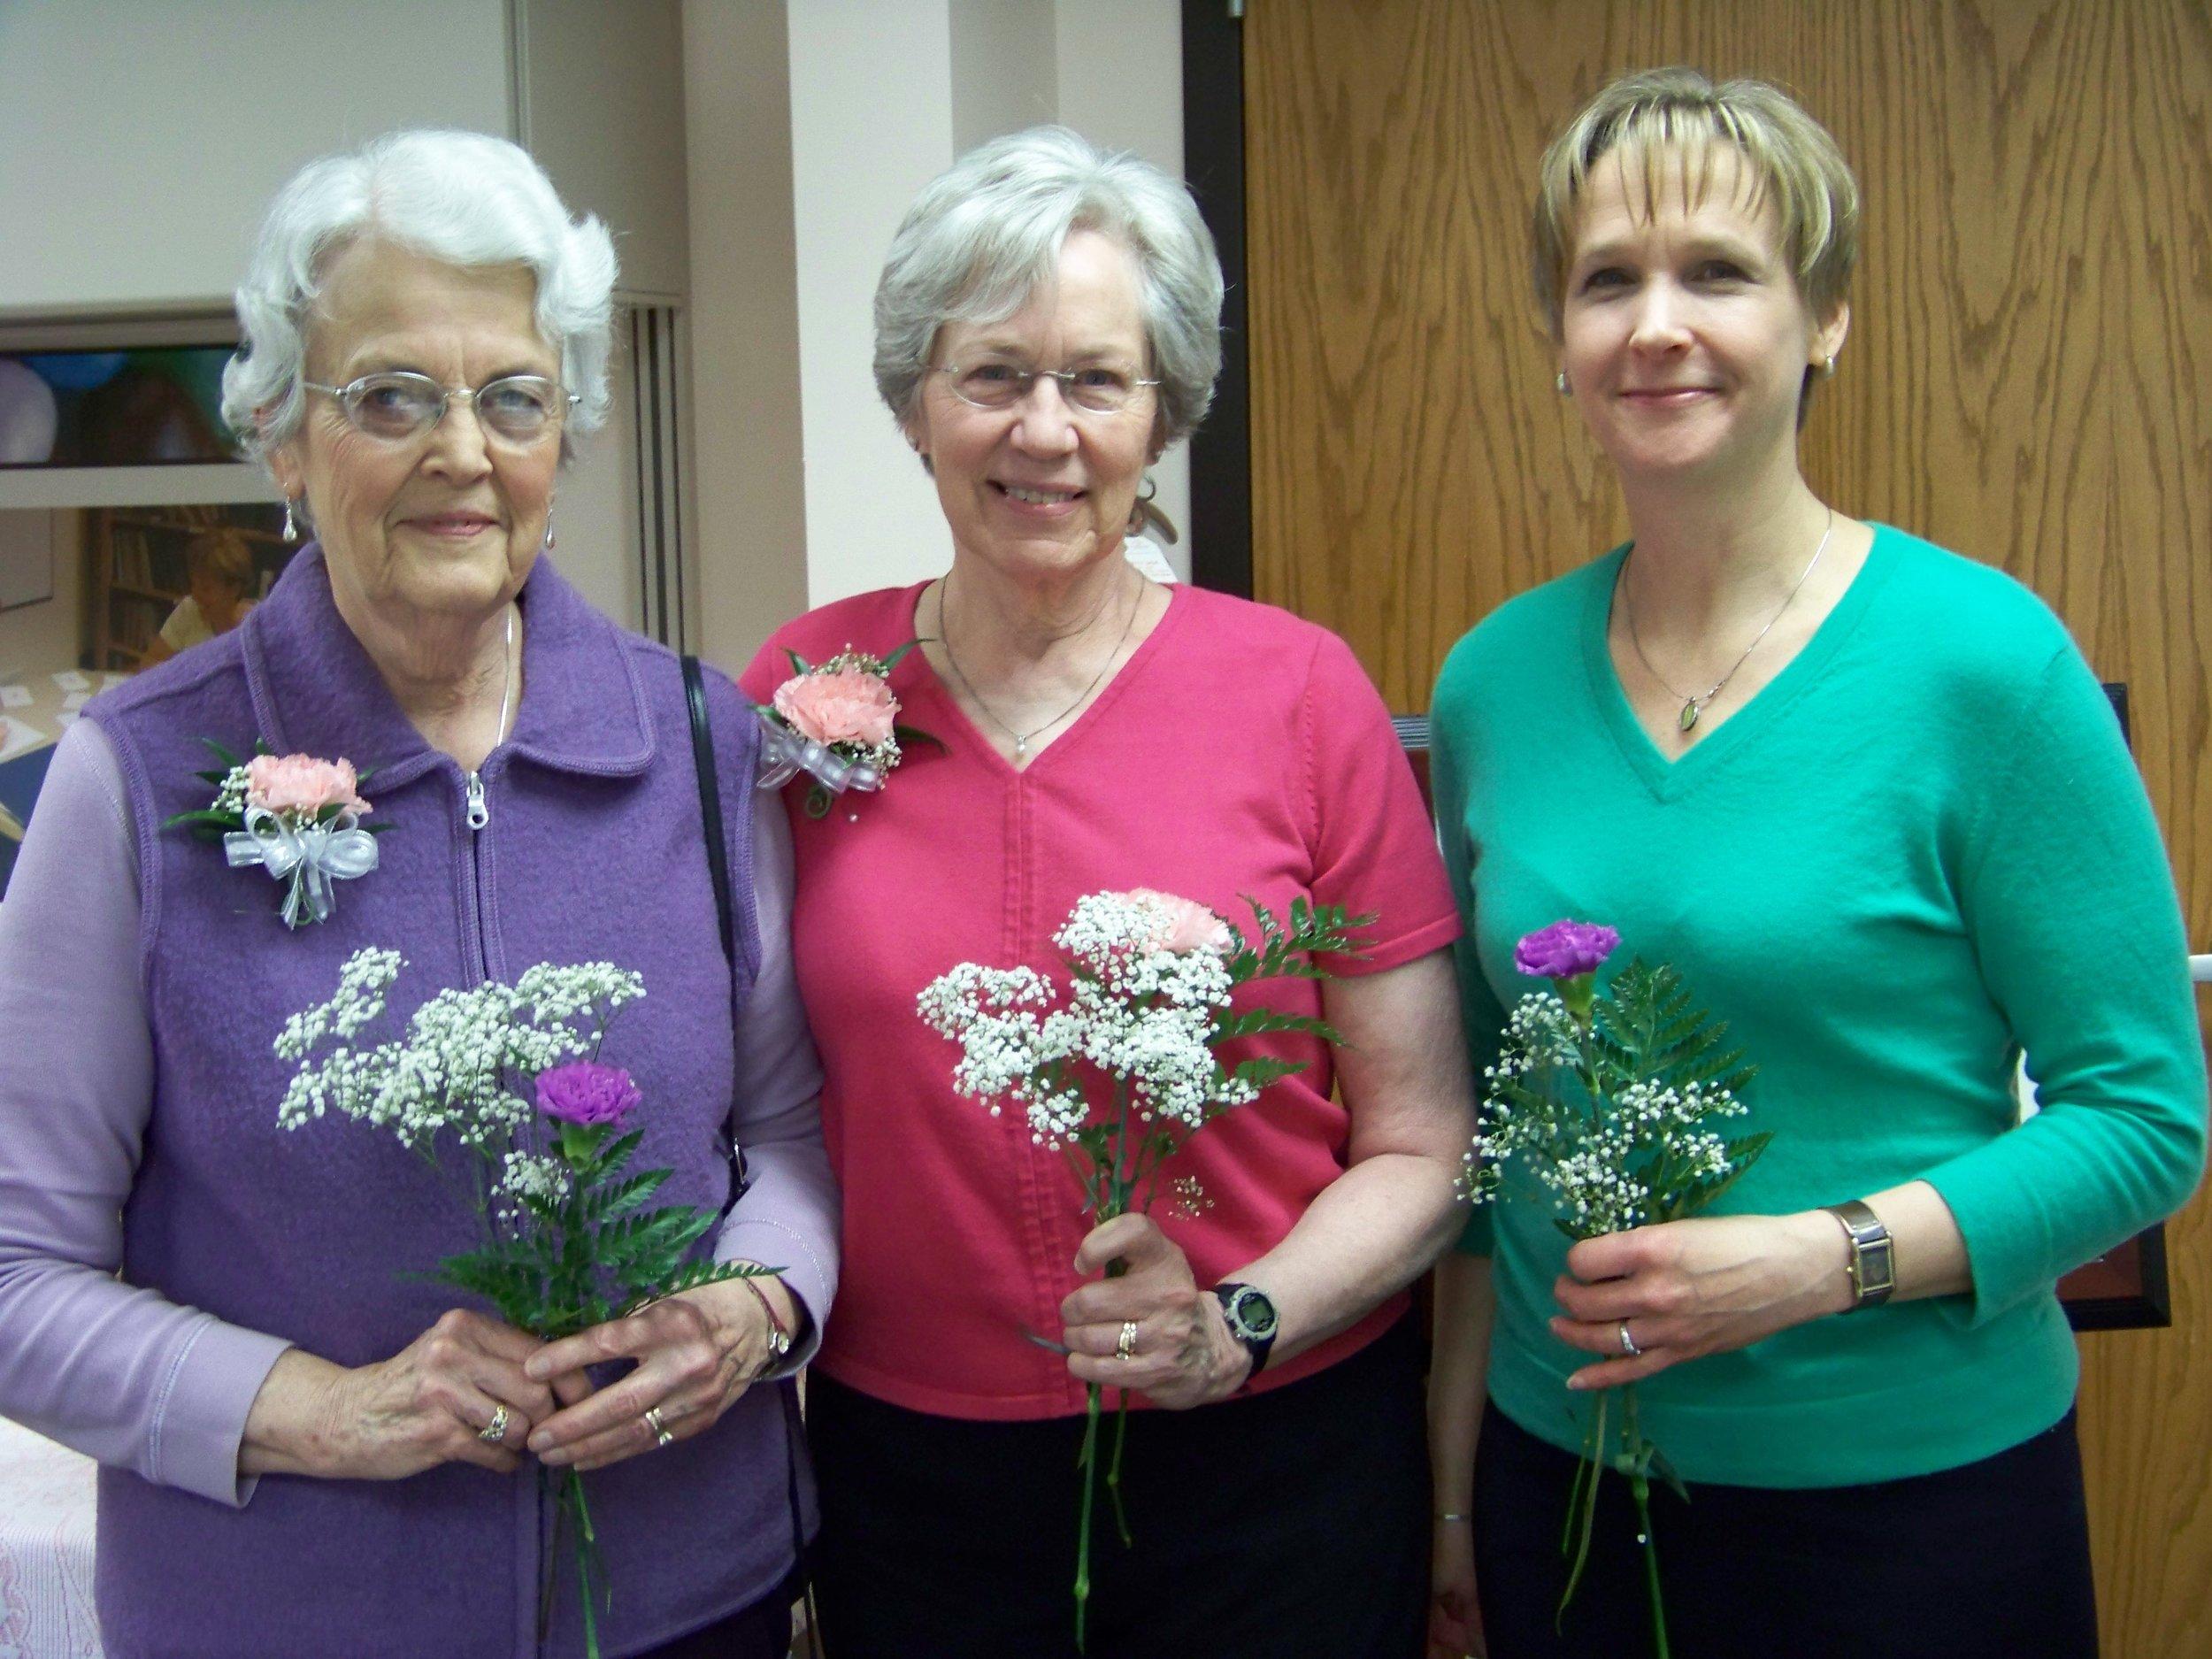 Jean Osman, Nancy Sears, Cindy Russell